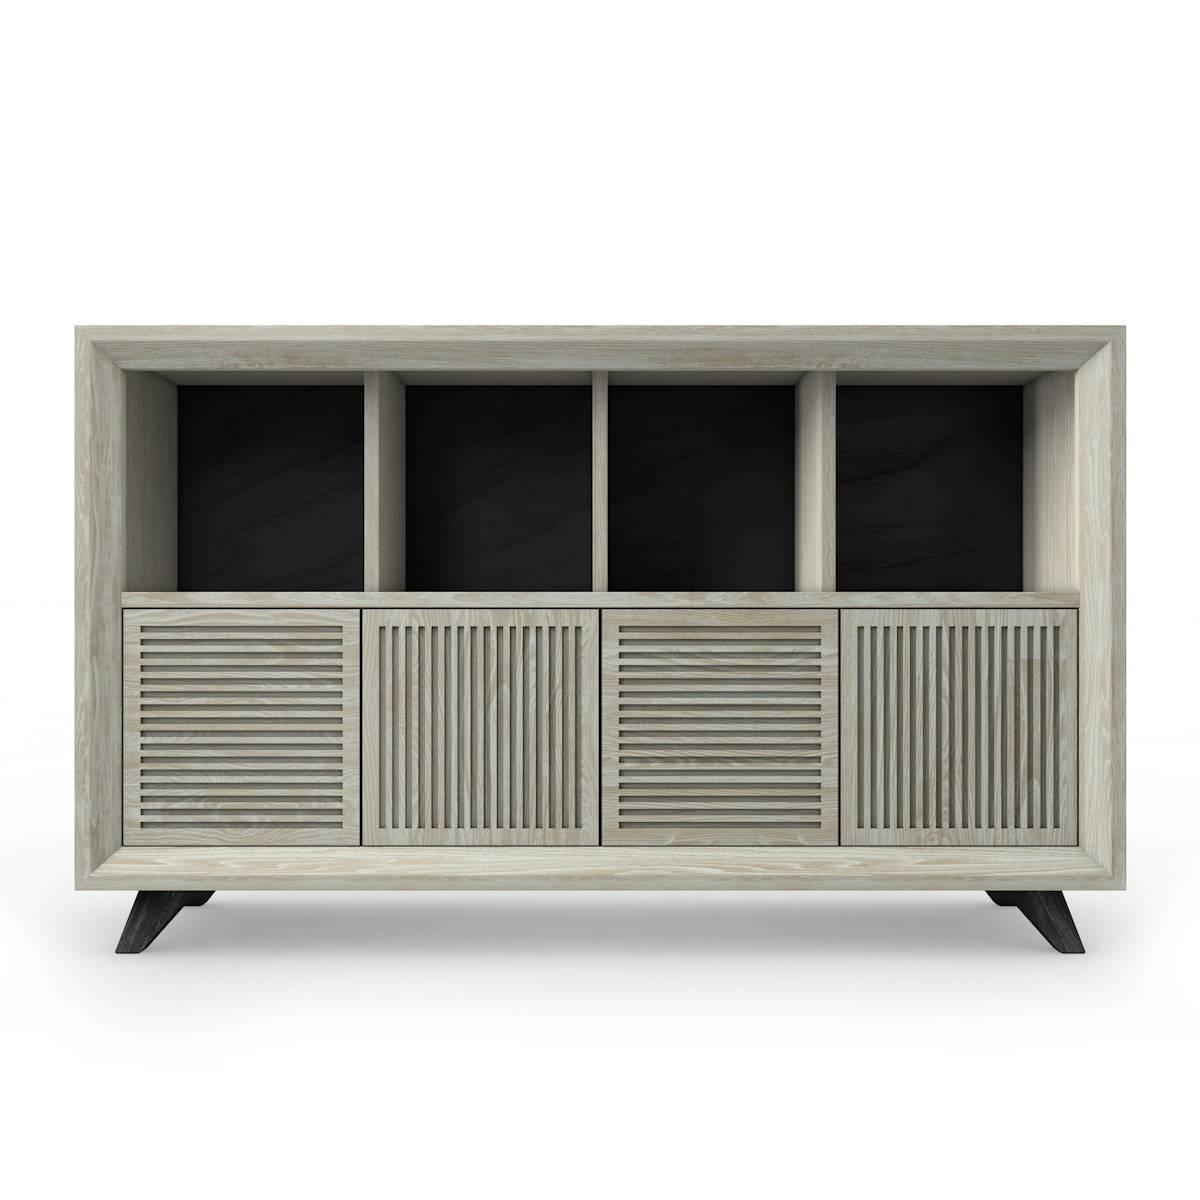 Мебель как искусство. Fineobjects — особый взгляд и грани прекрасного (галерея 5, фото 4)